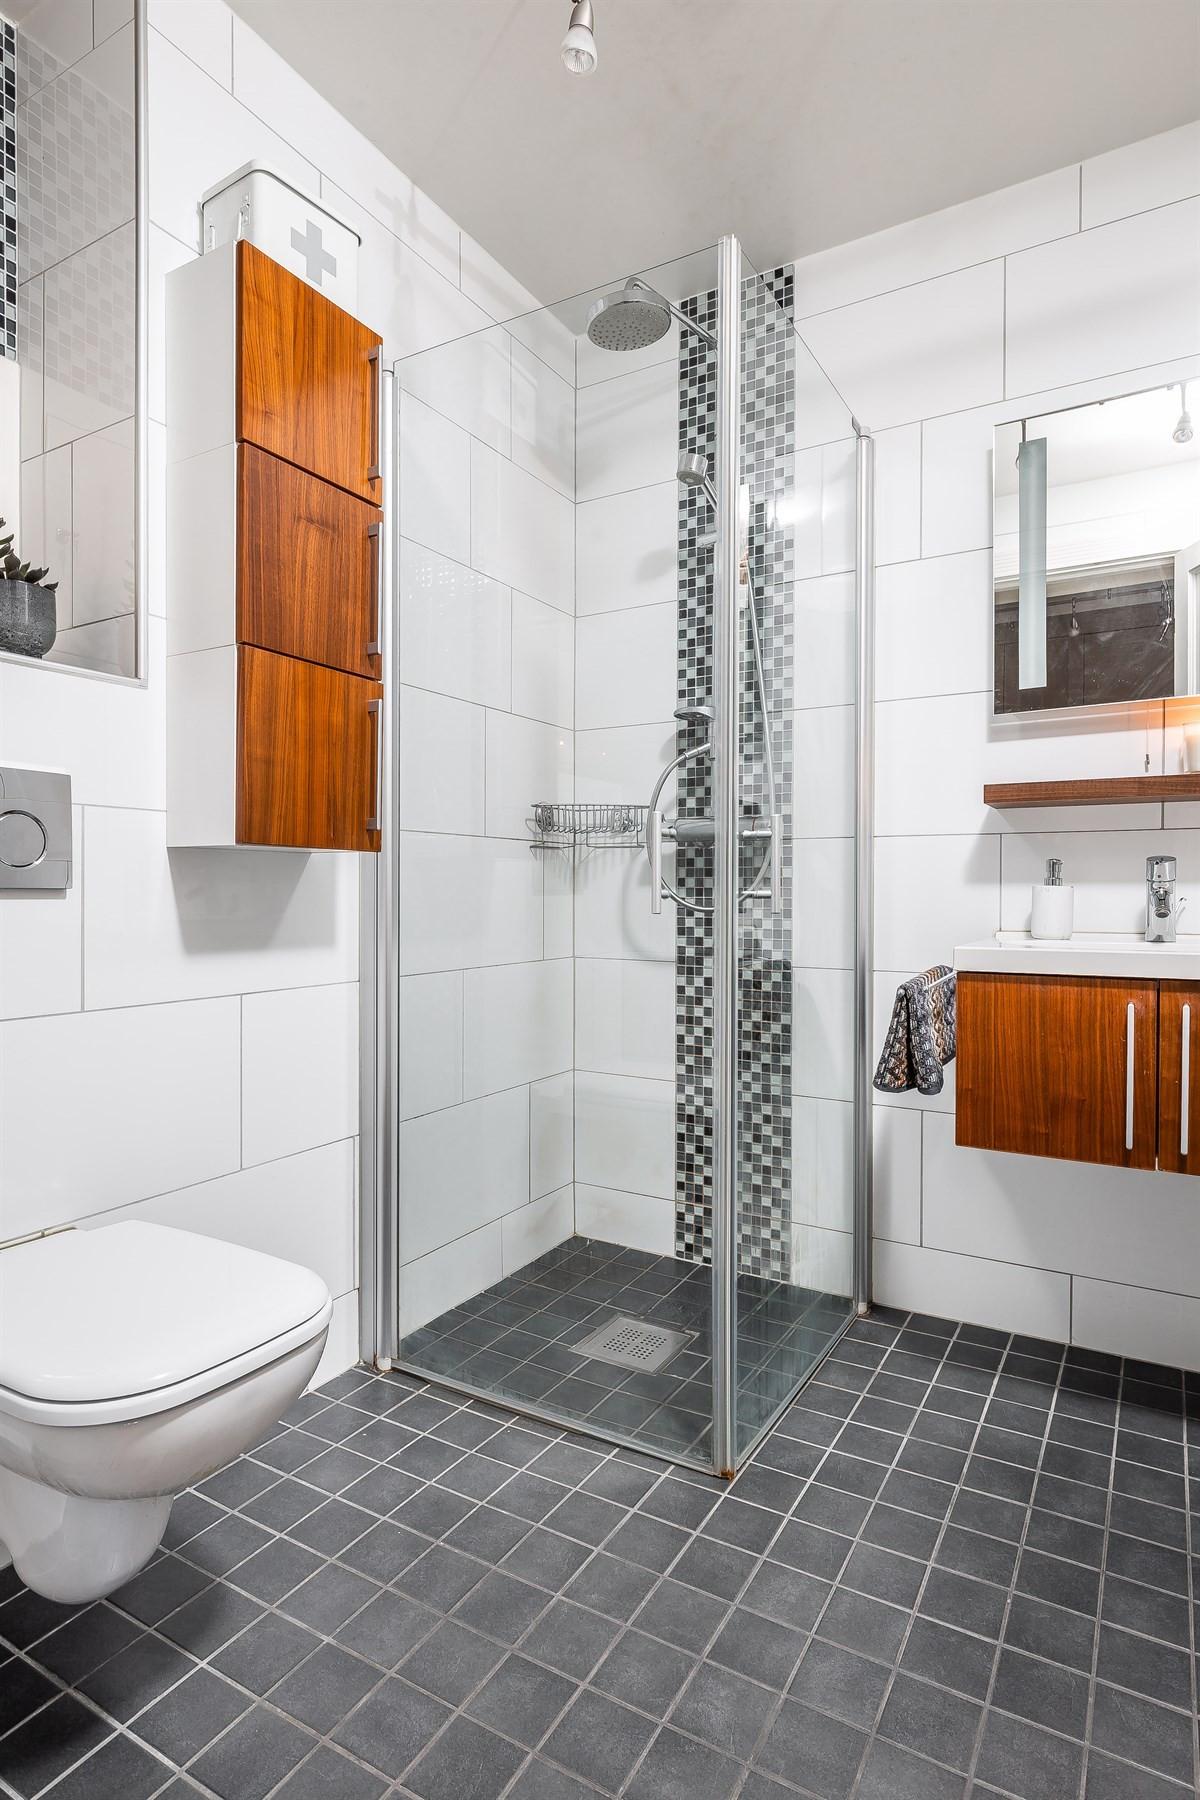 Komplett fliselagt baderom med varme i gulv og rikelig med skapplass